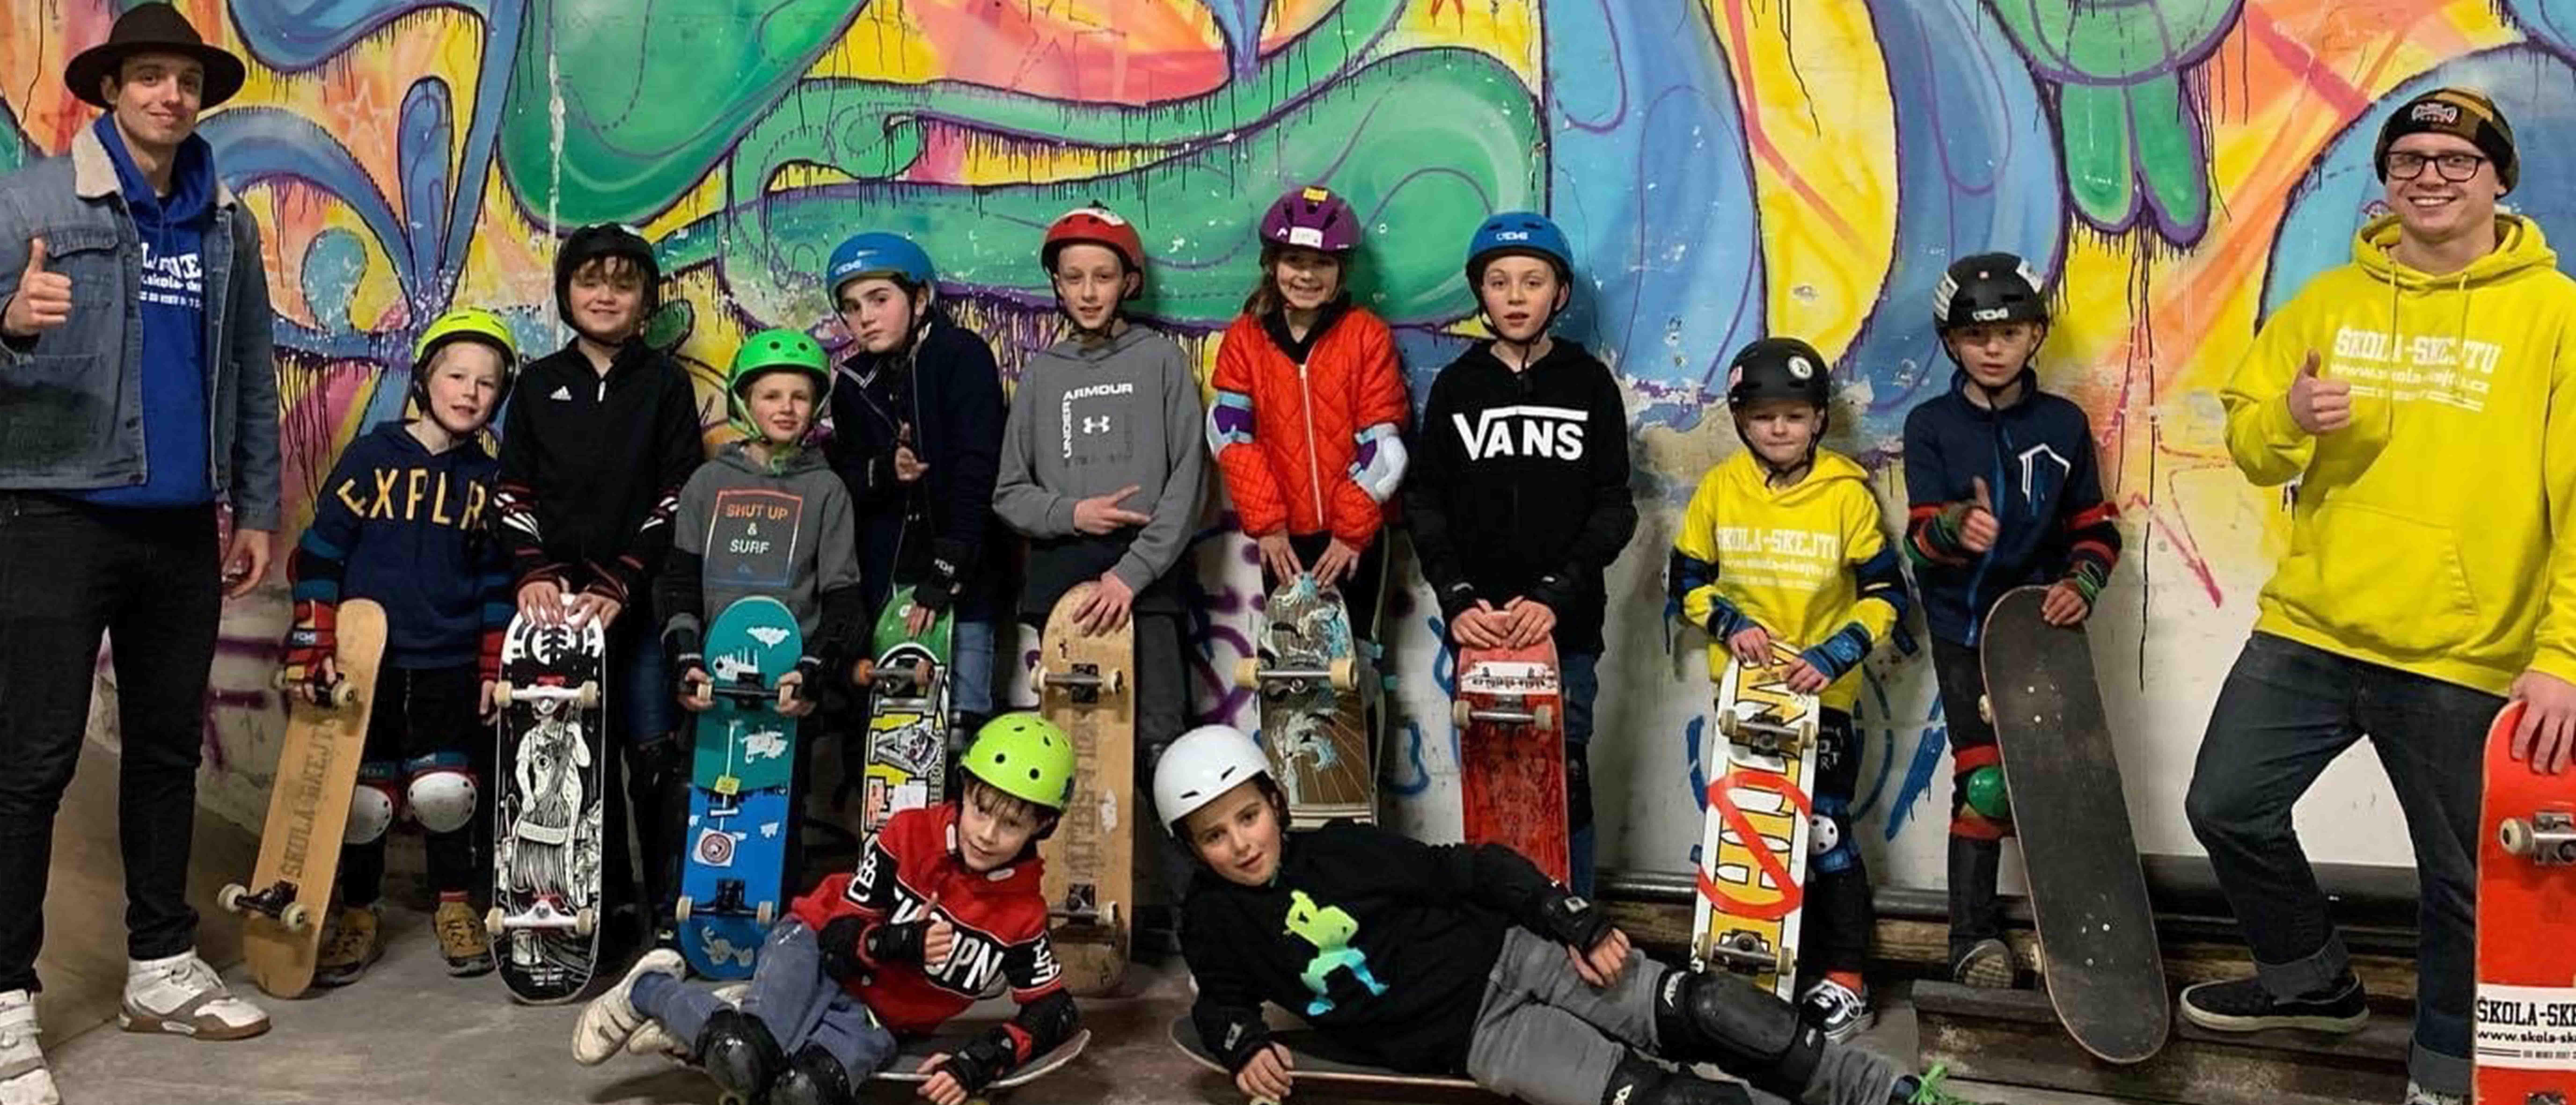 skatepark-praha-skolaskejtu-